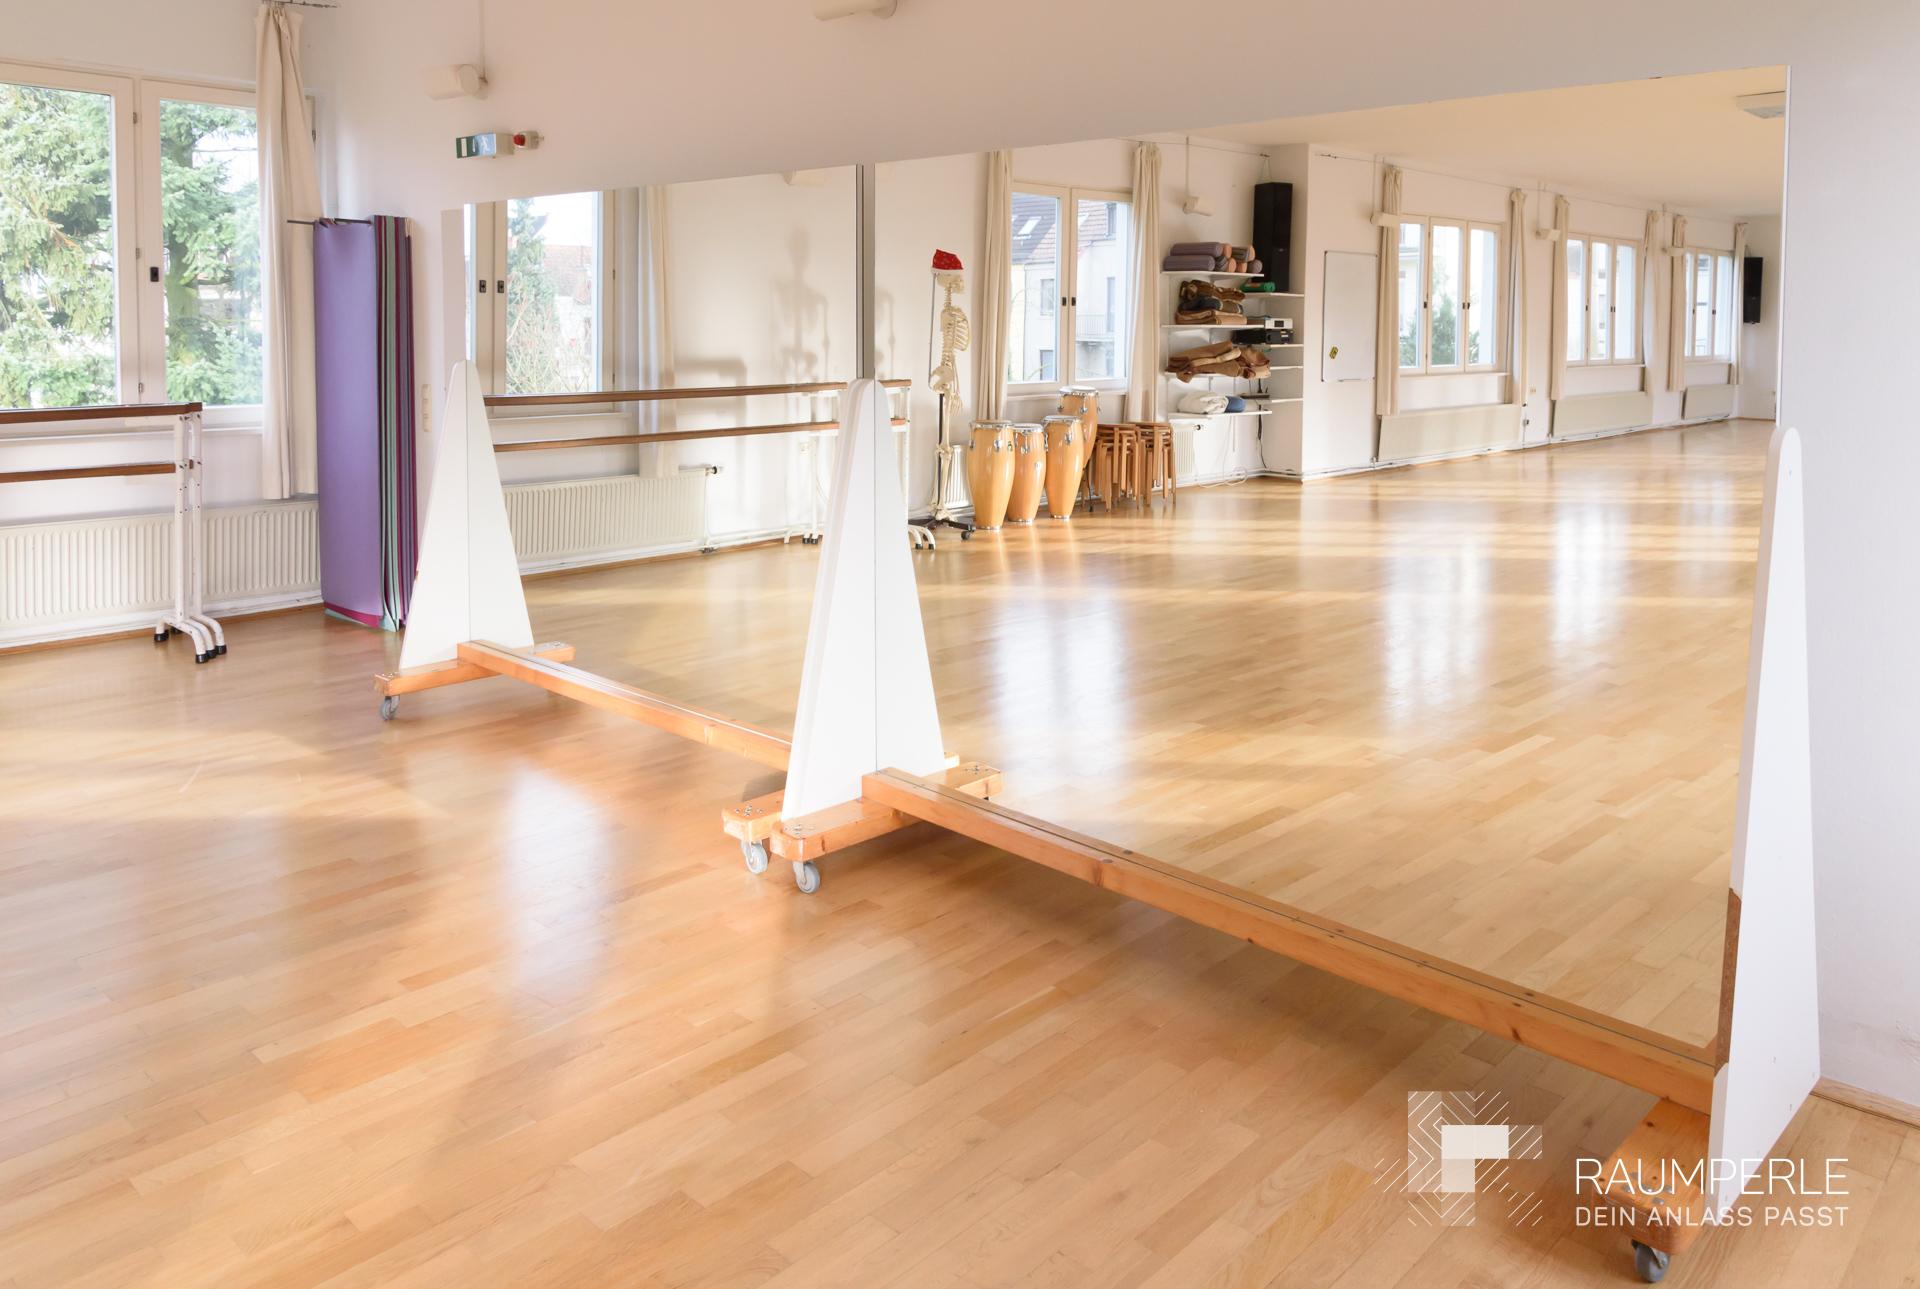 Tanz- und Ballettsaal Impuls in Bremen